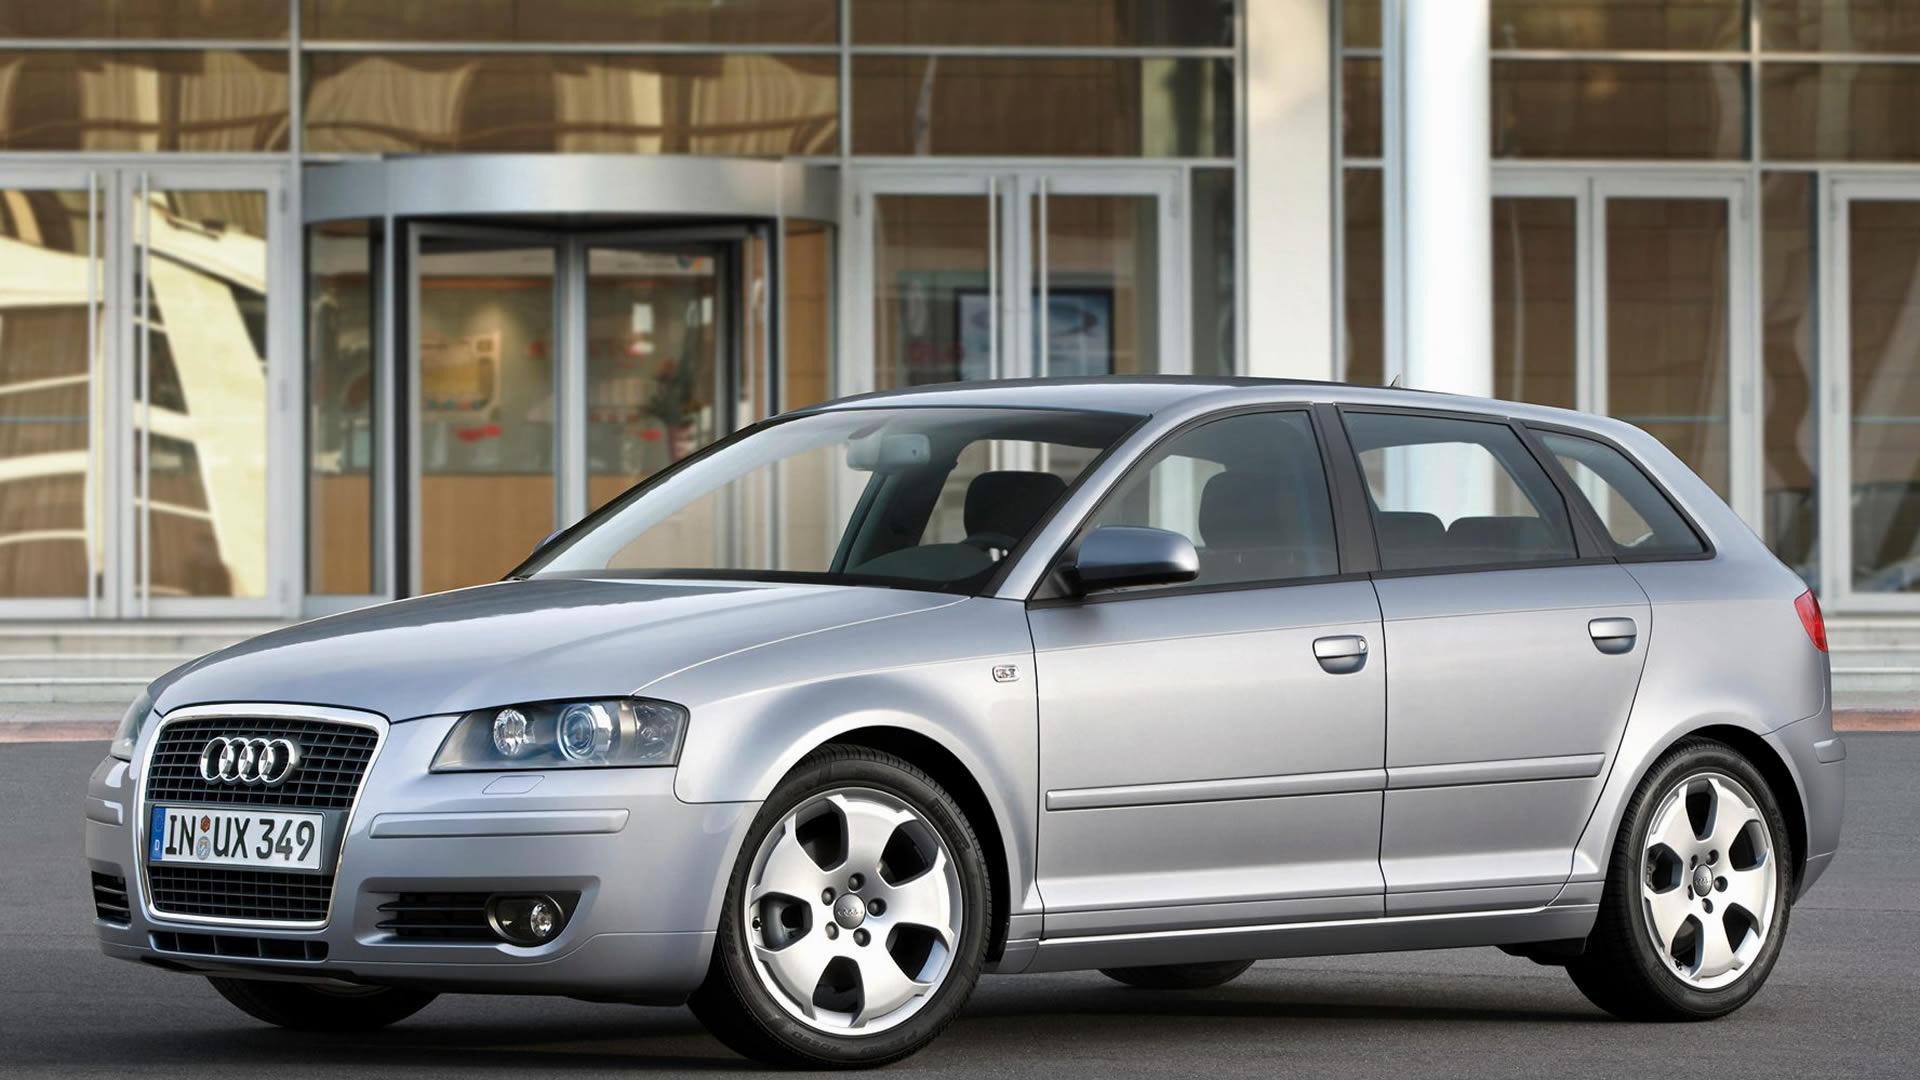 Kelebihan Kekurangan Audi A3 2004 Review